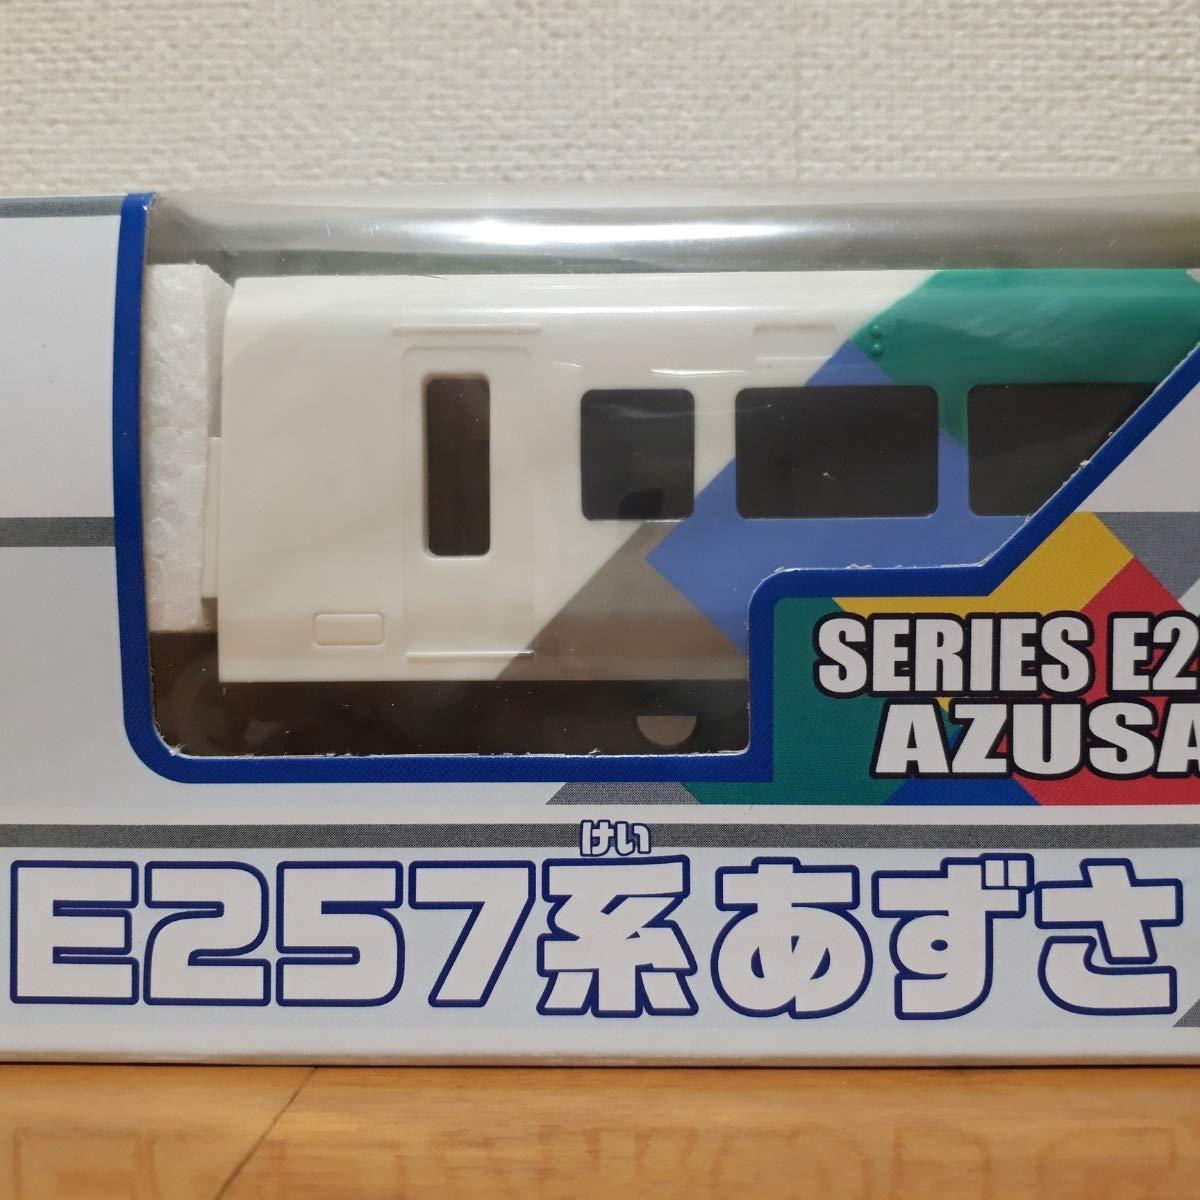 絶版 S-23 E257系 あずさ 特急 非貫通車 JR東 中央本線 Toy かいじ Japan Railway  E257 series  Chuo Main Line Plarail B07Q6P1H86